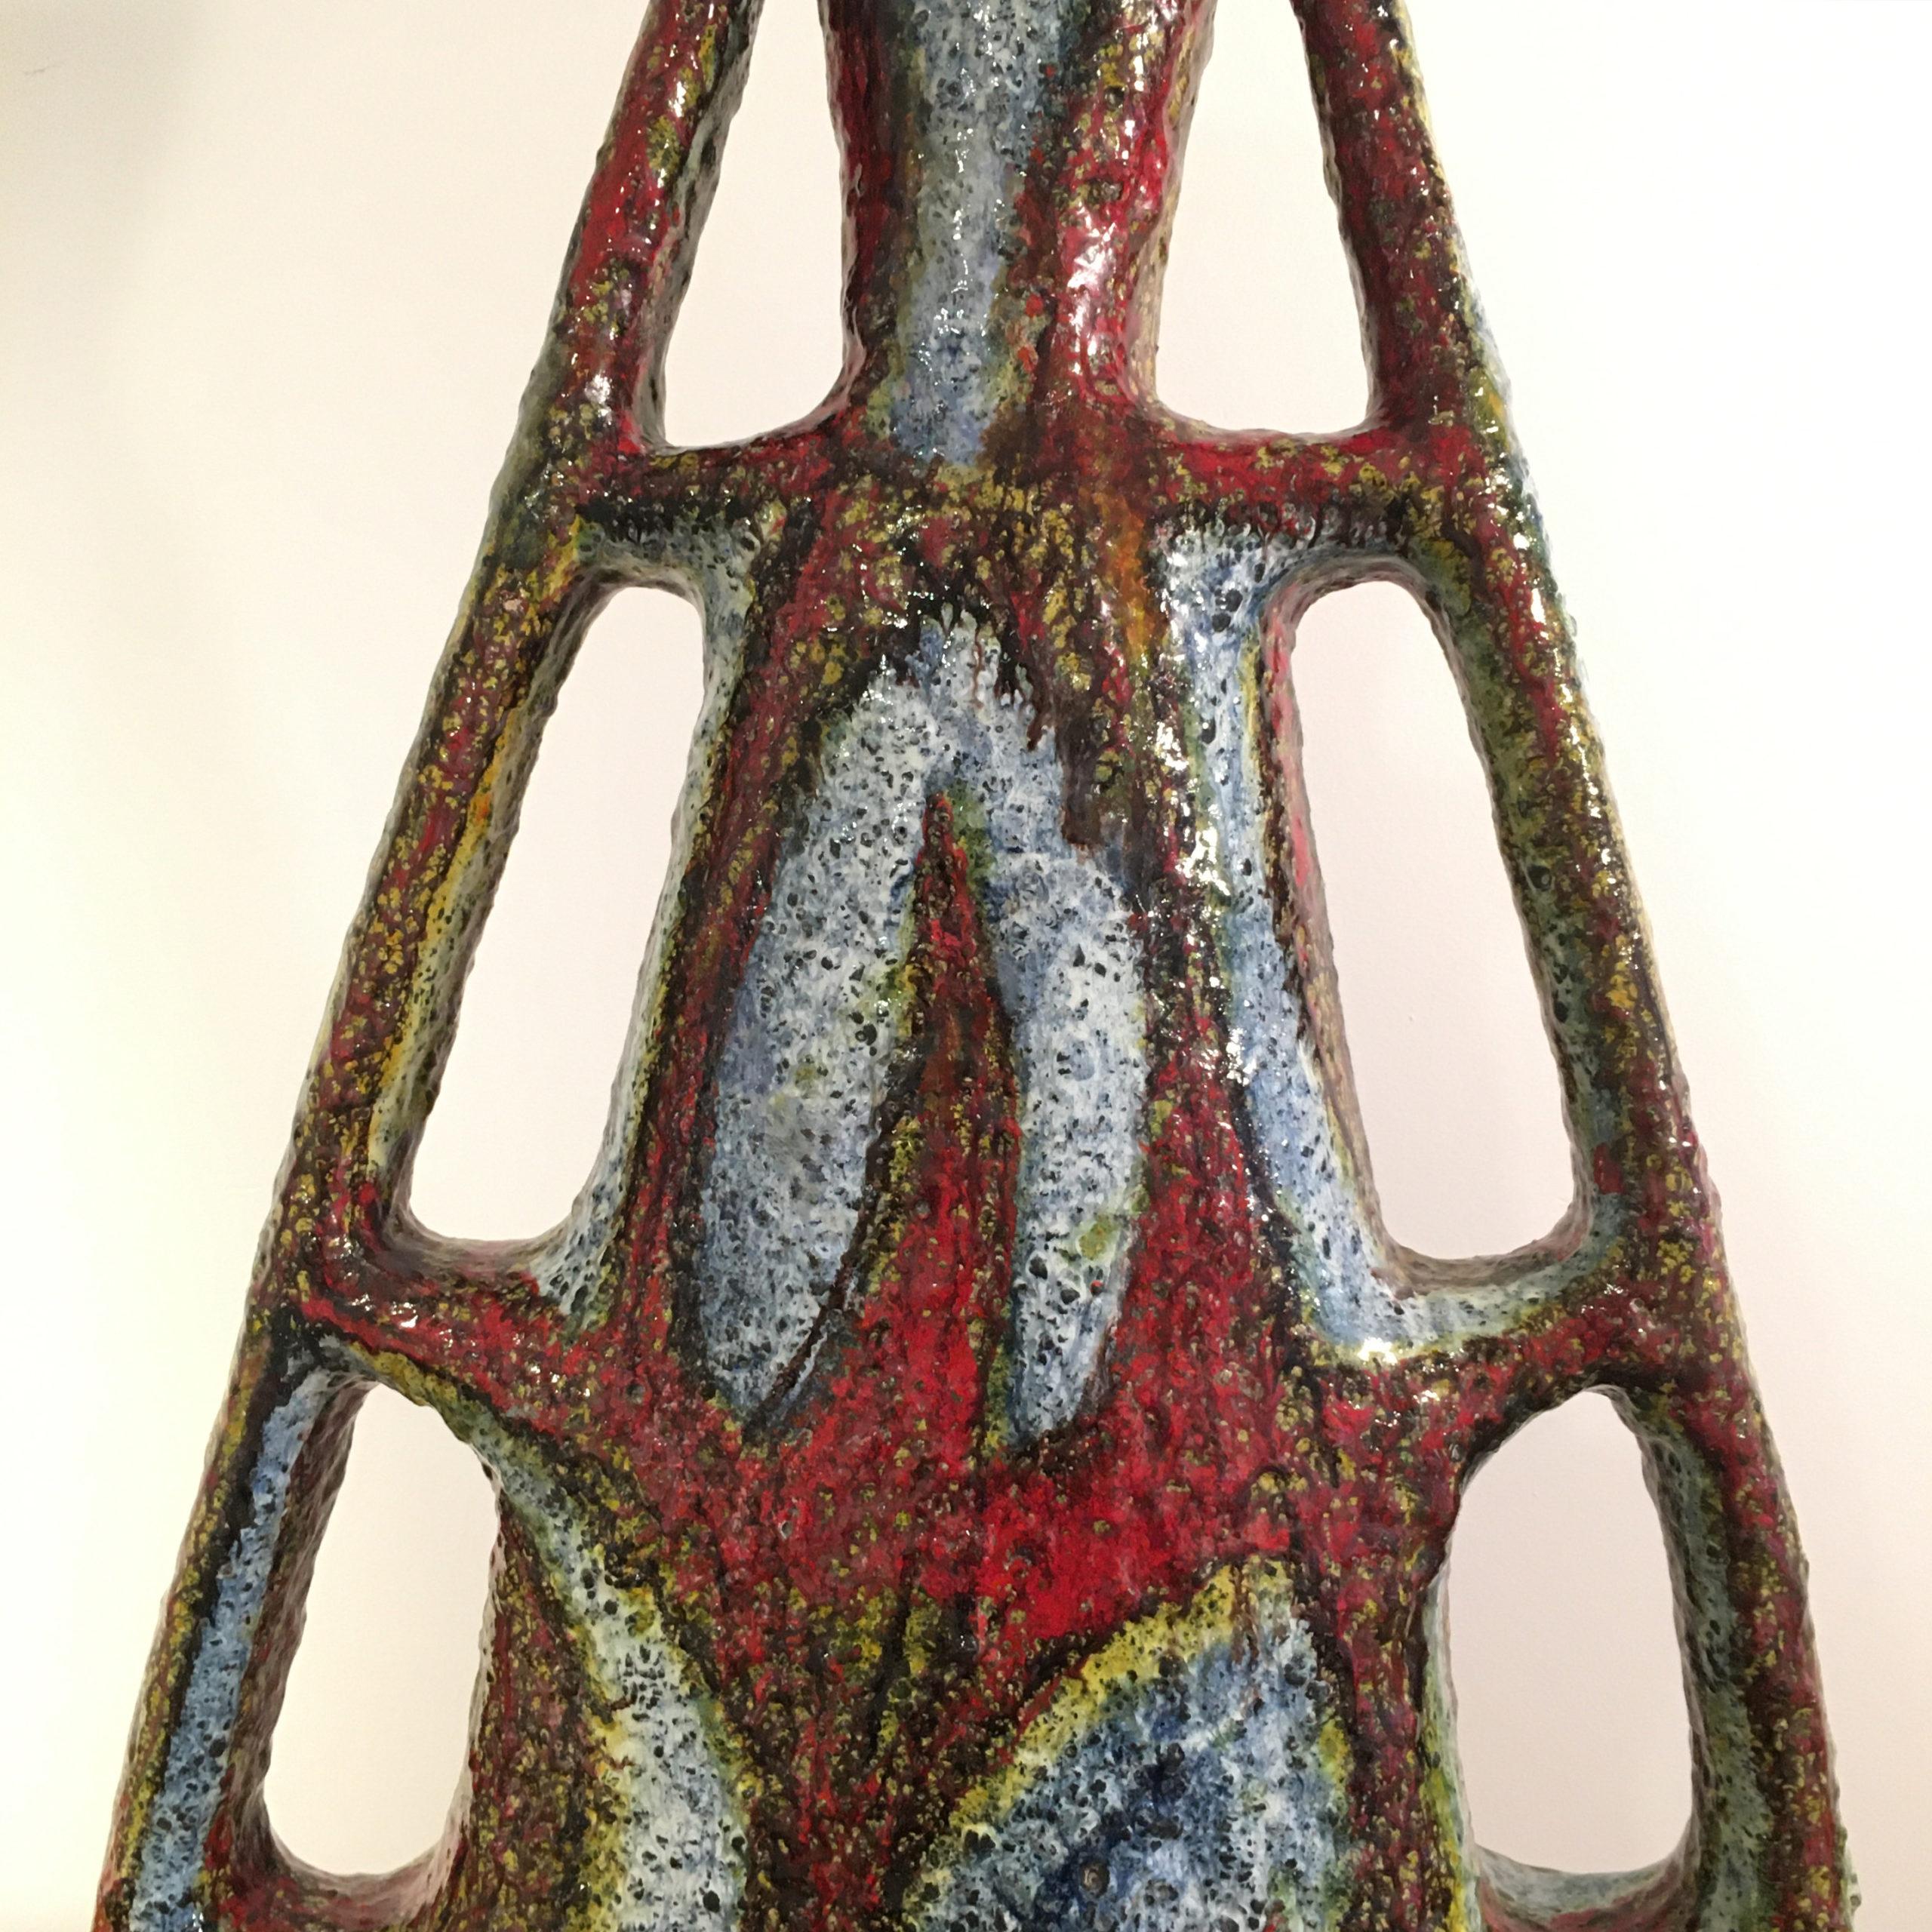 LA-CAVA-Céramique-détail-2